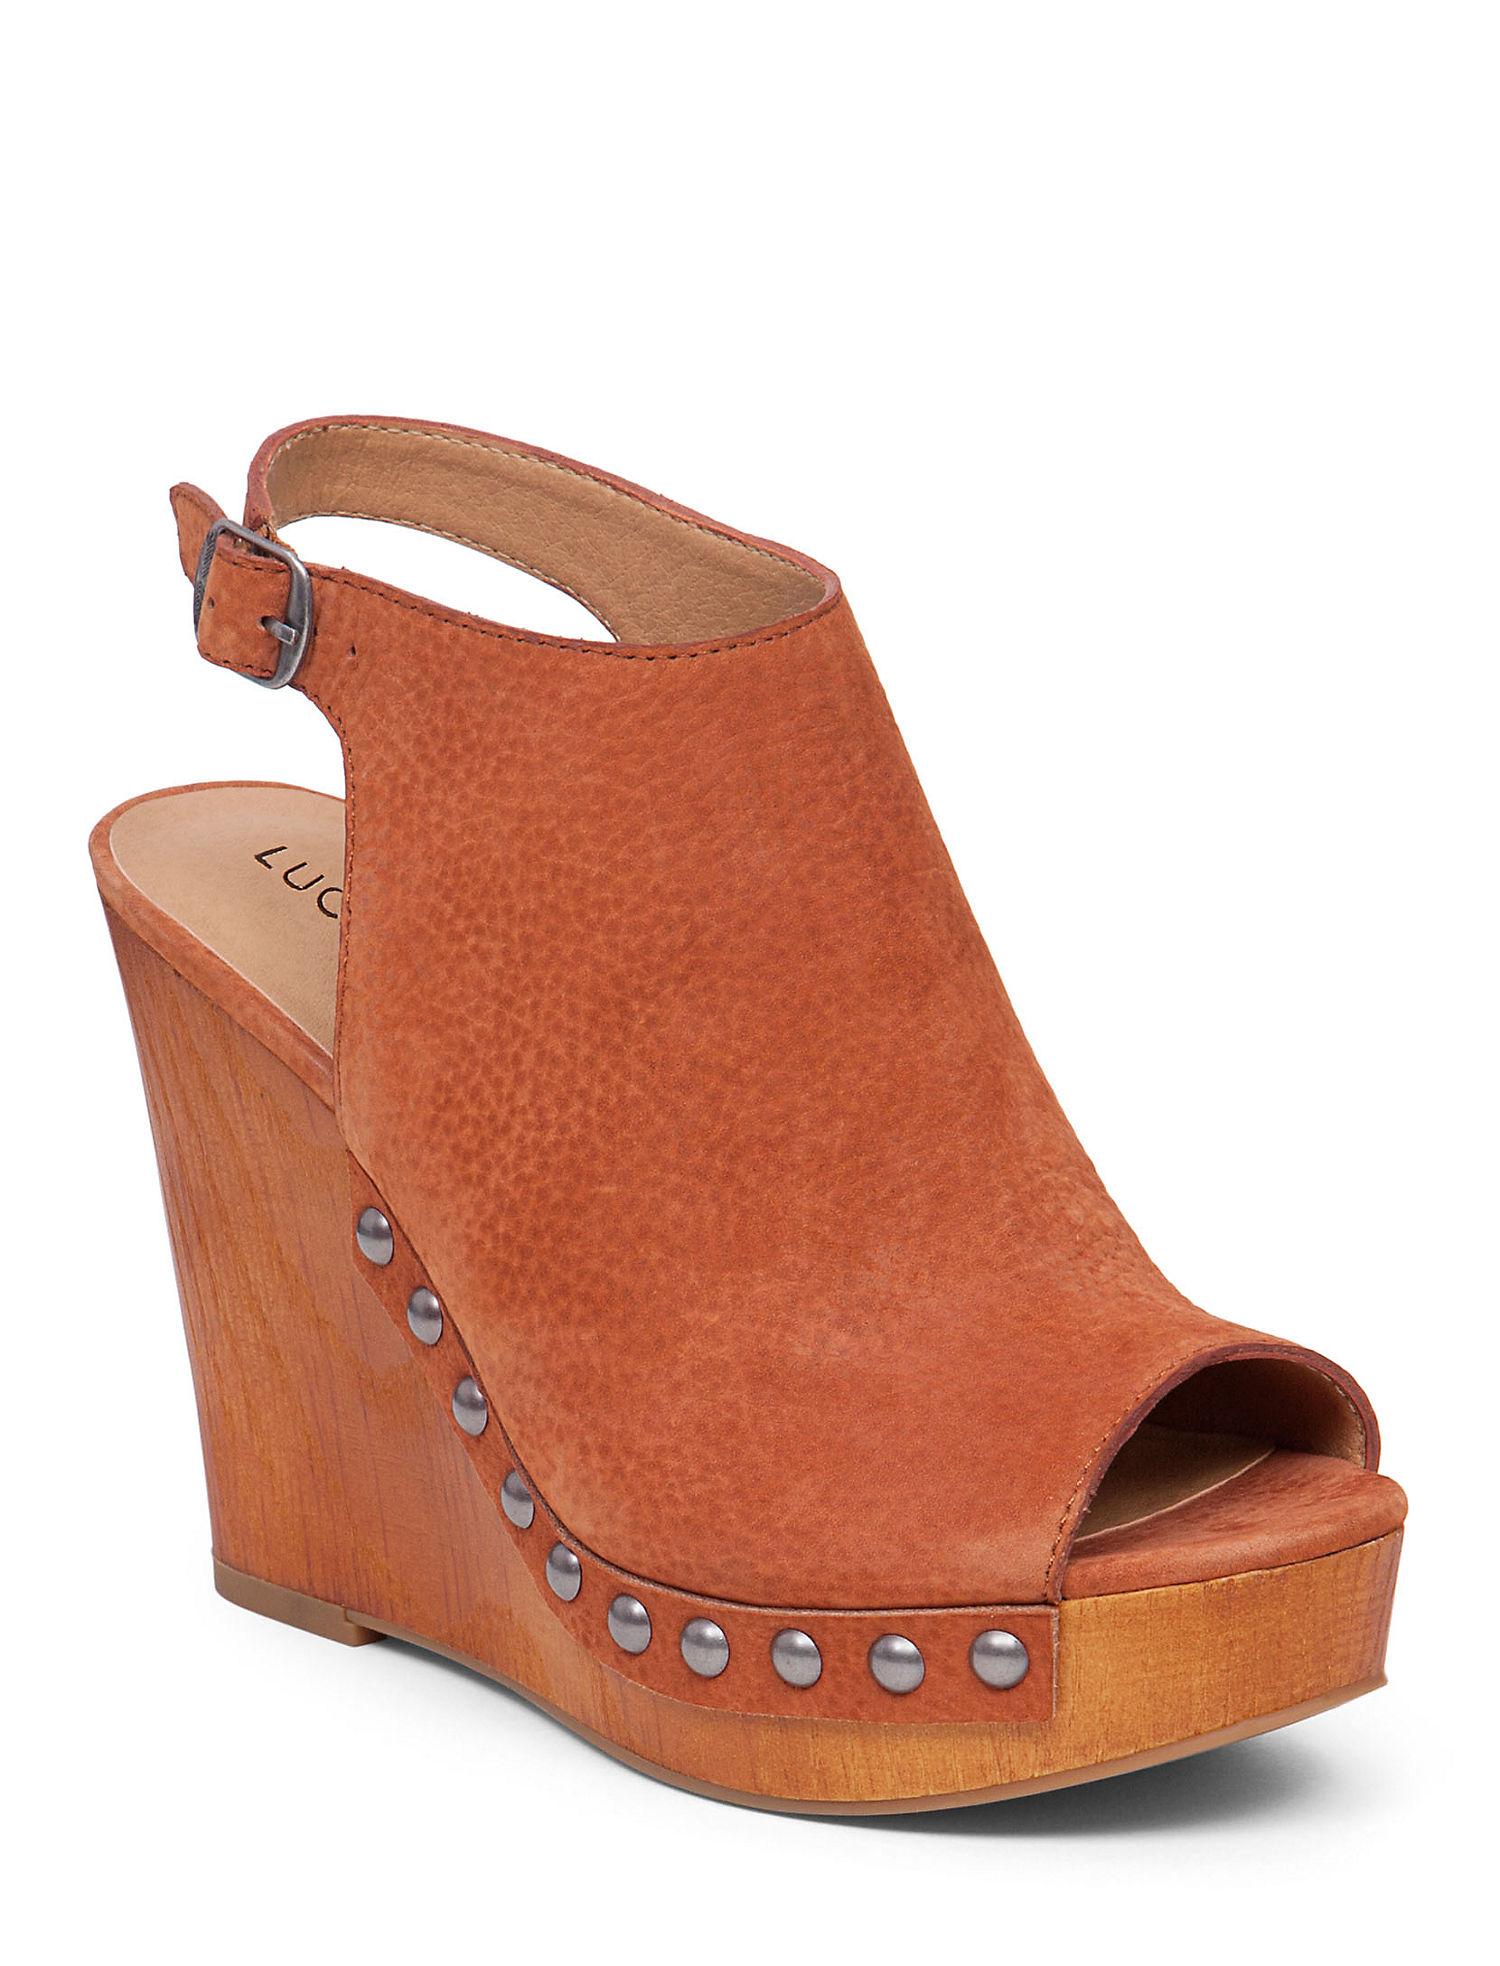 Womens Lucky Women's LARAE Wedge Sandal Offer Size 38